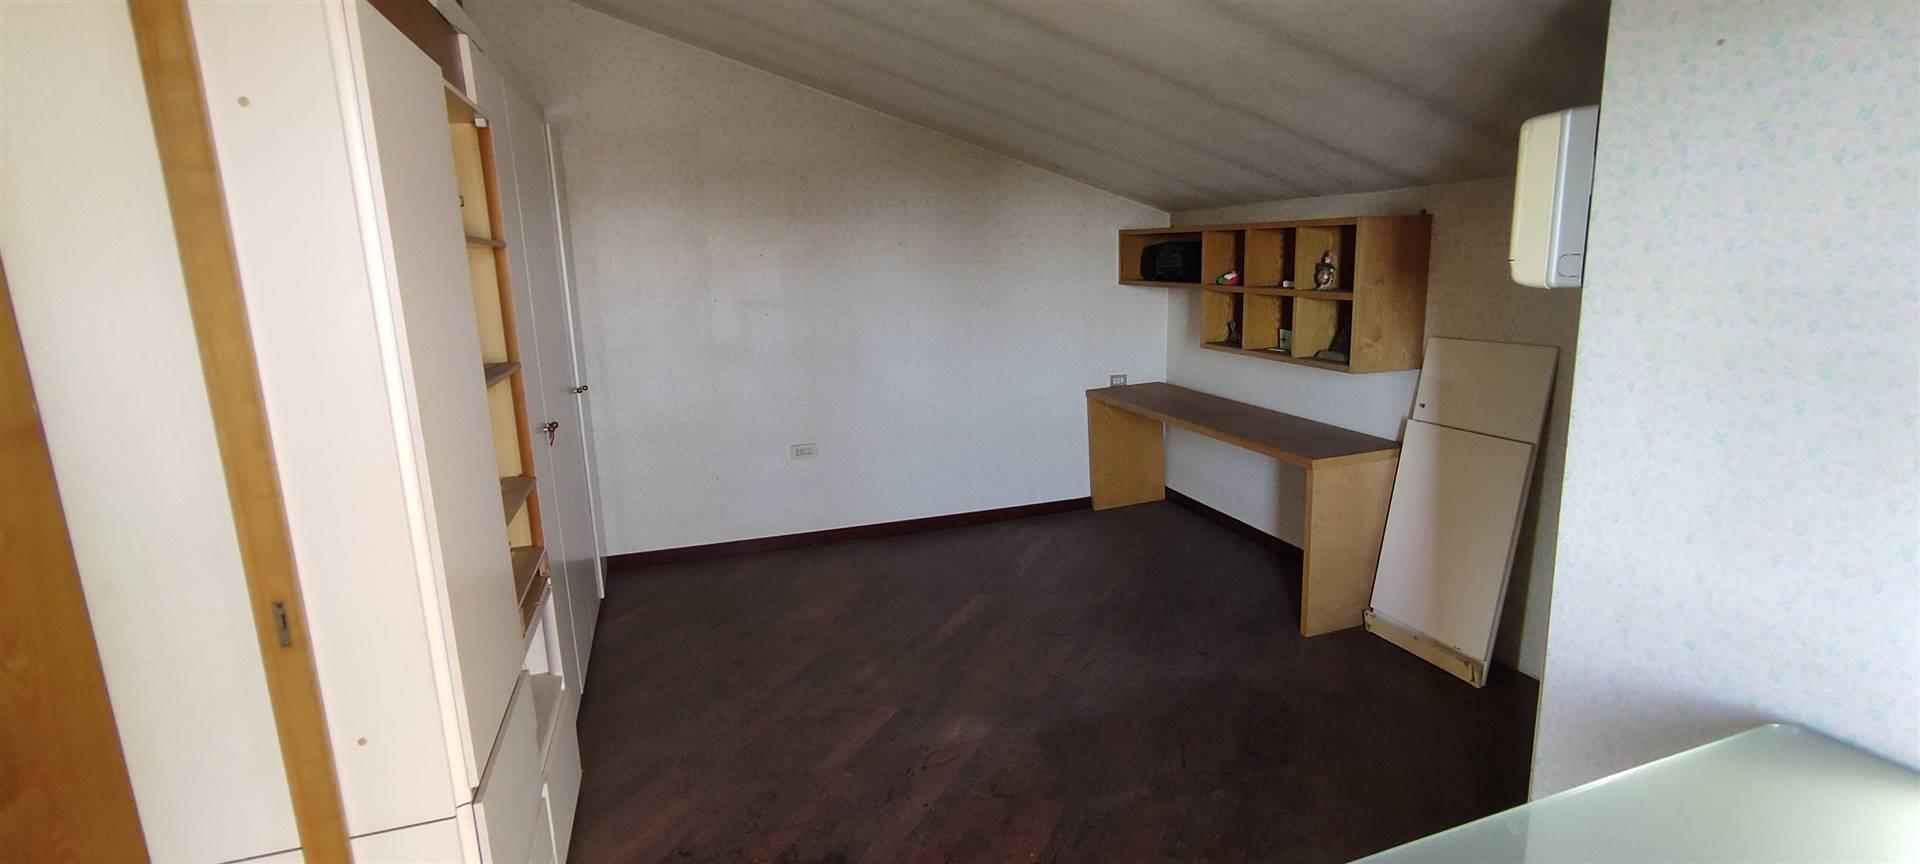 Camera 1 sottotetto